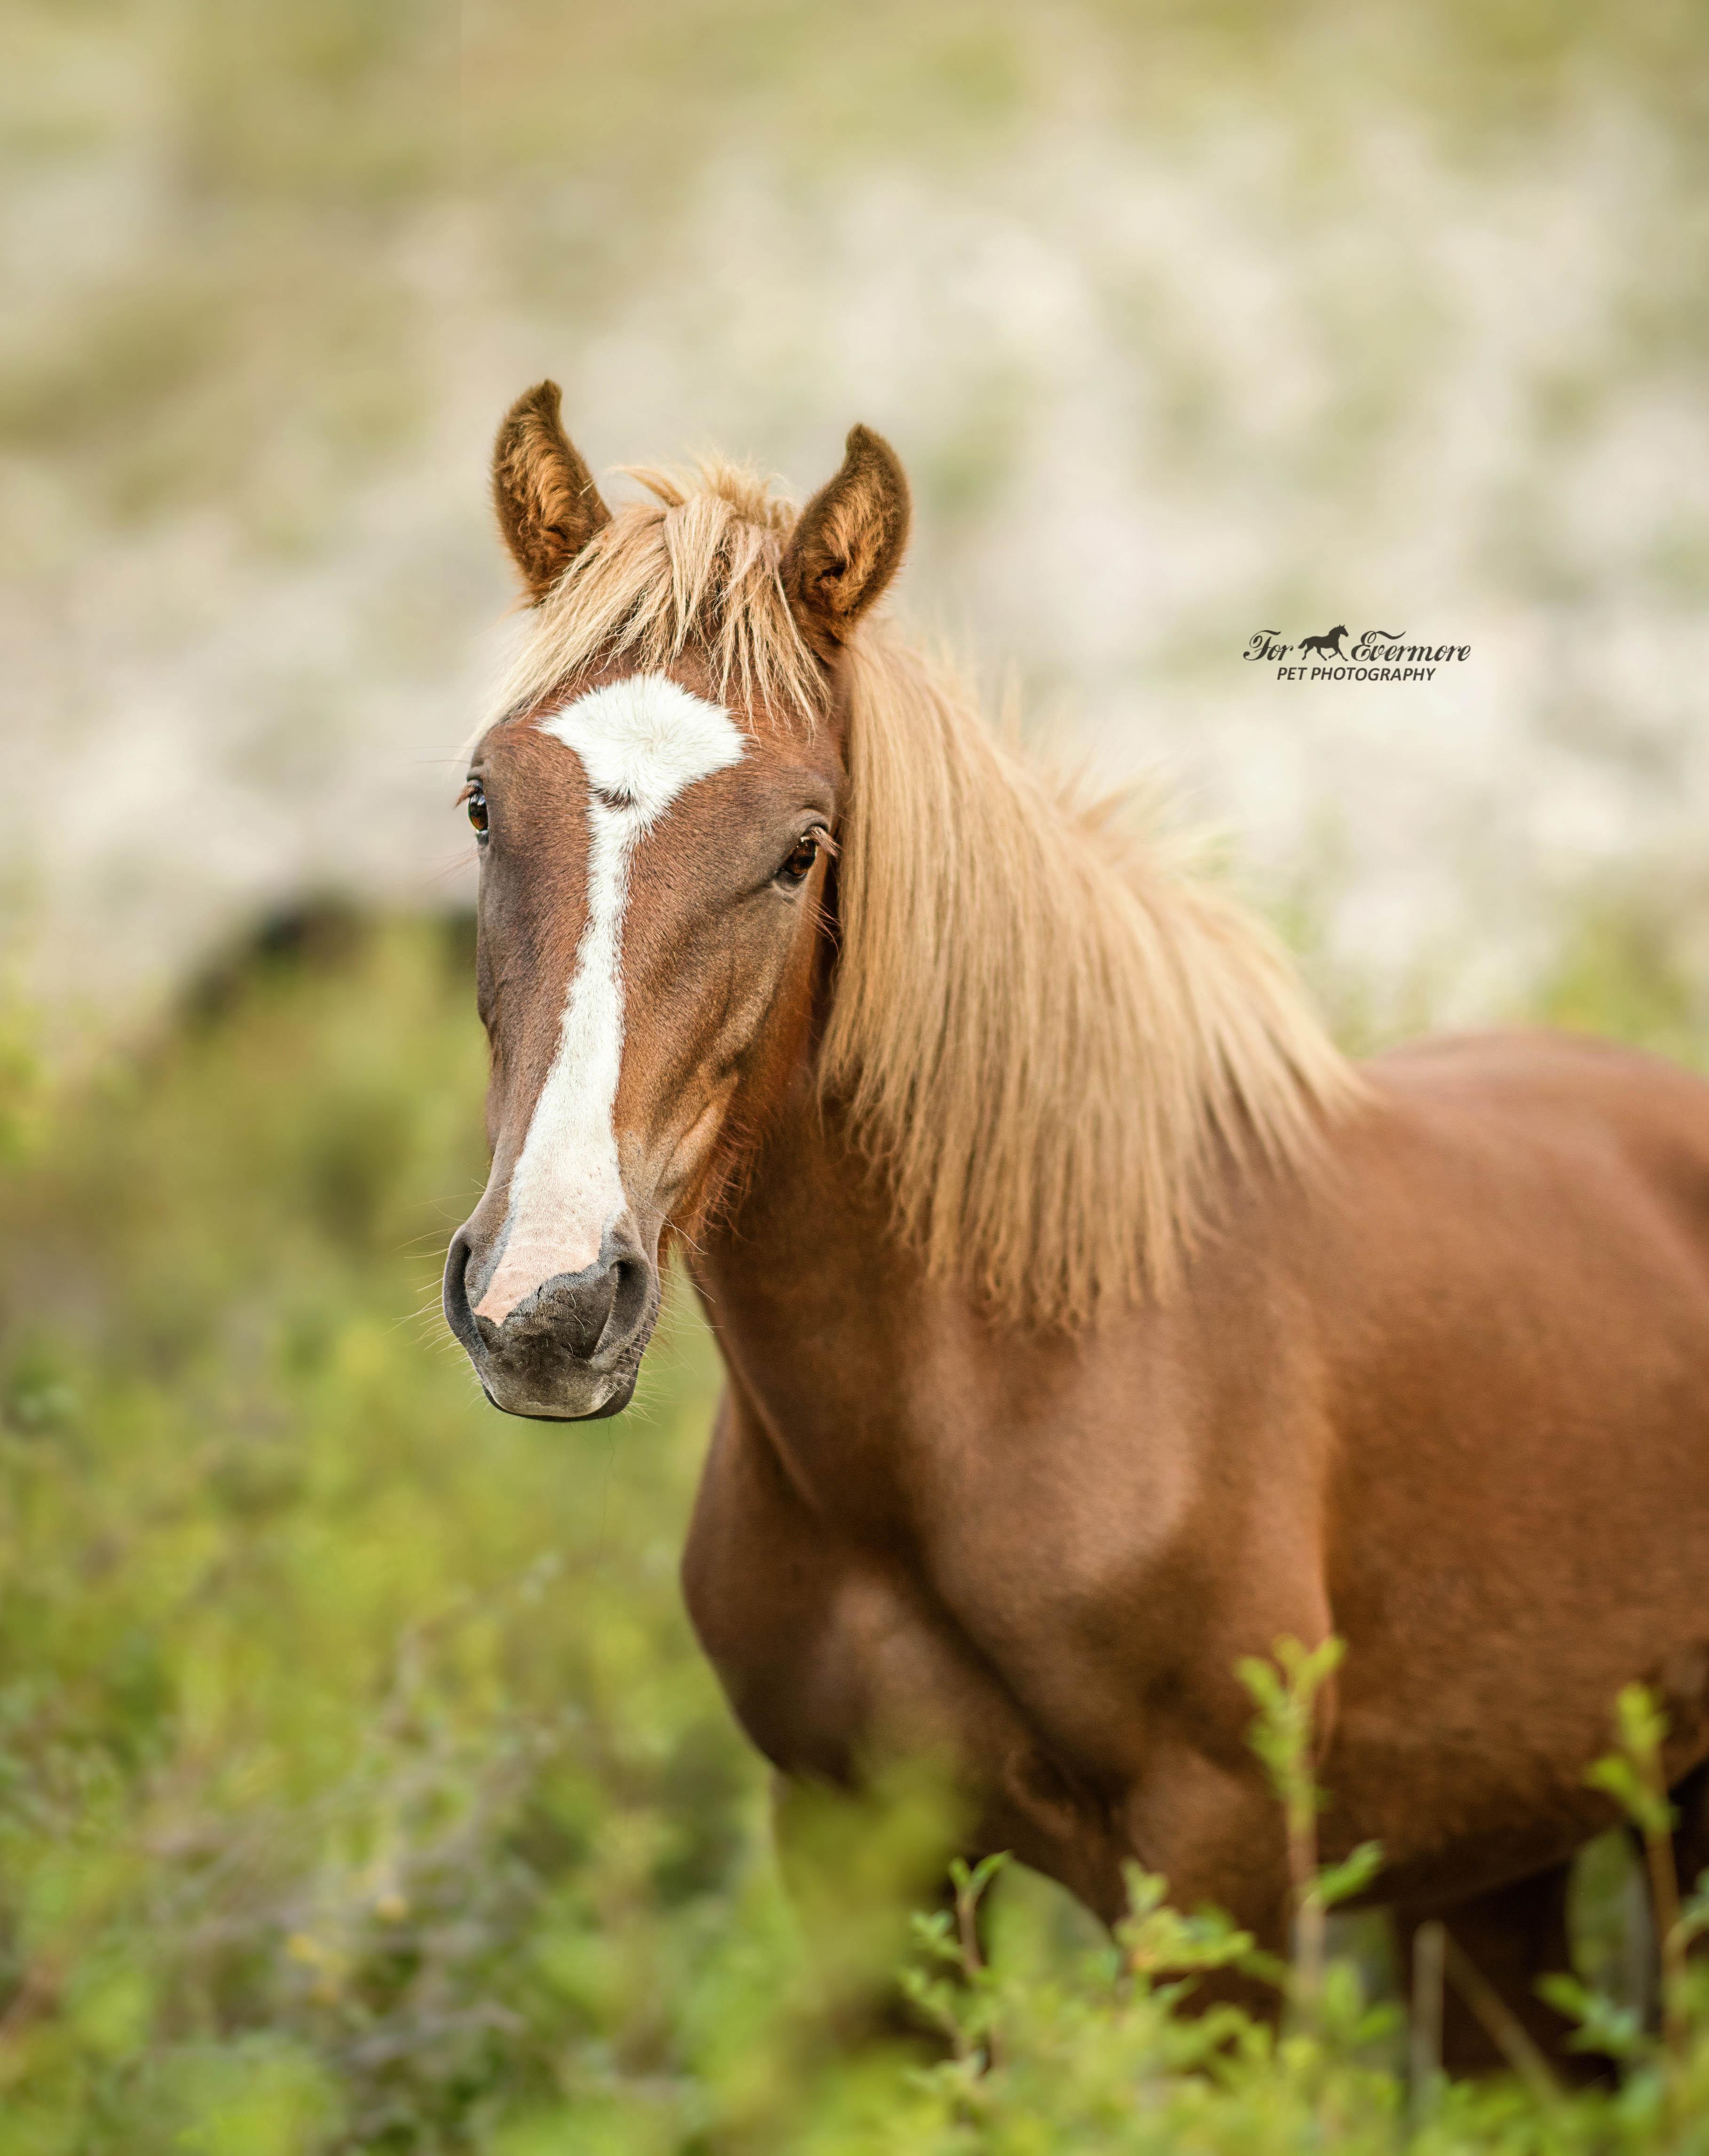 My favorite wild horse